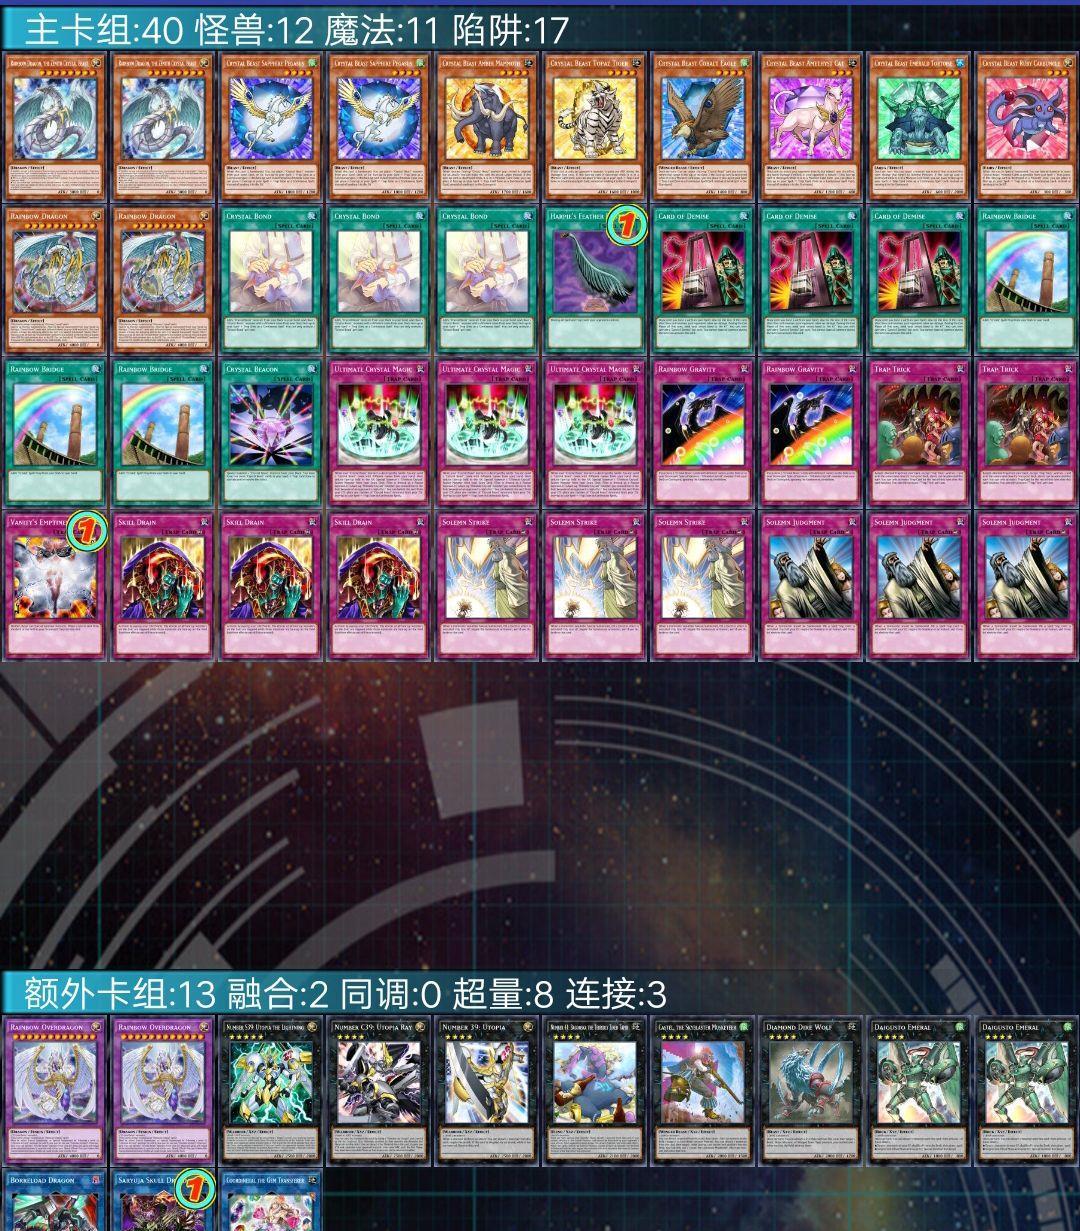 遊戲王:寶玉獸現在還勉強能打,再不推出新卡就被時代拋棄瞭-圖2